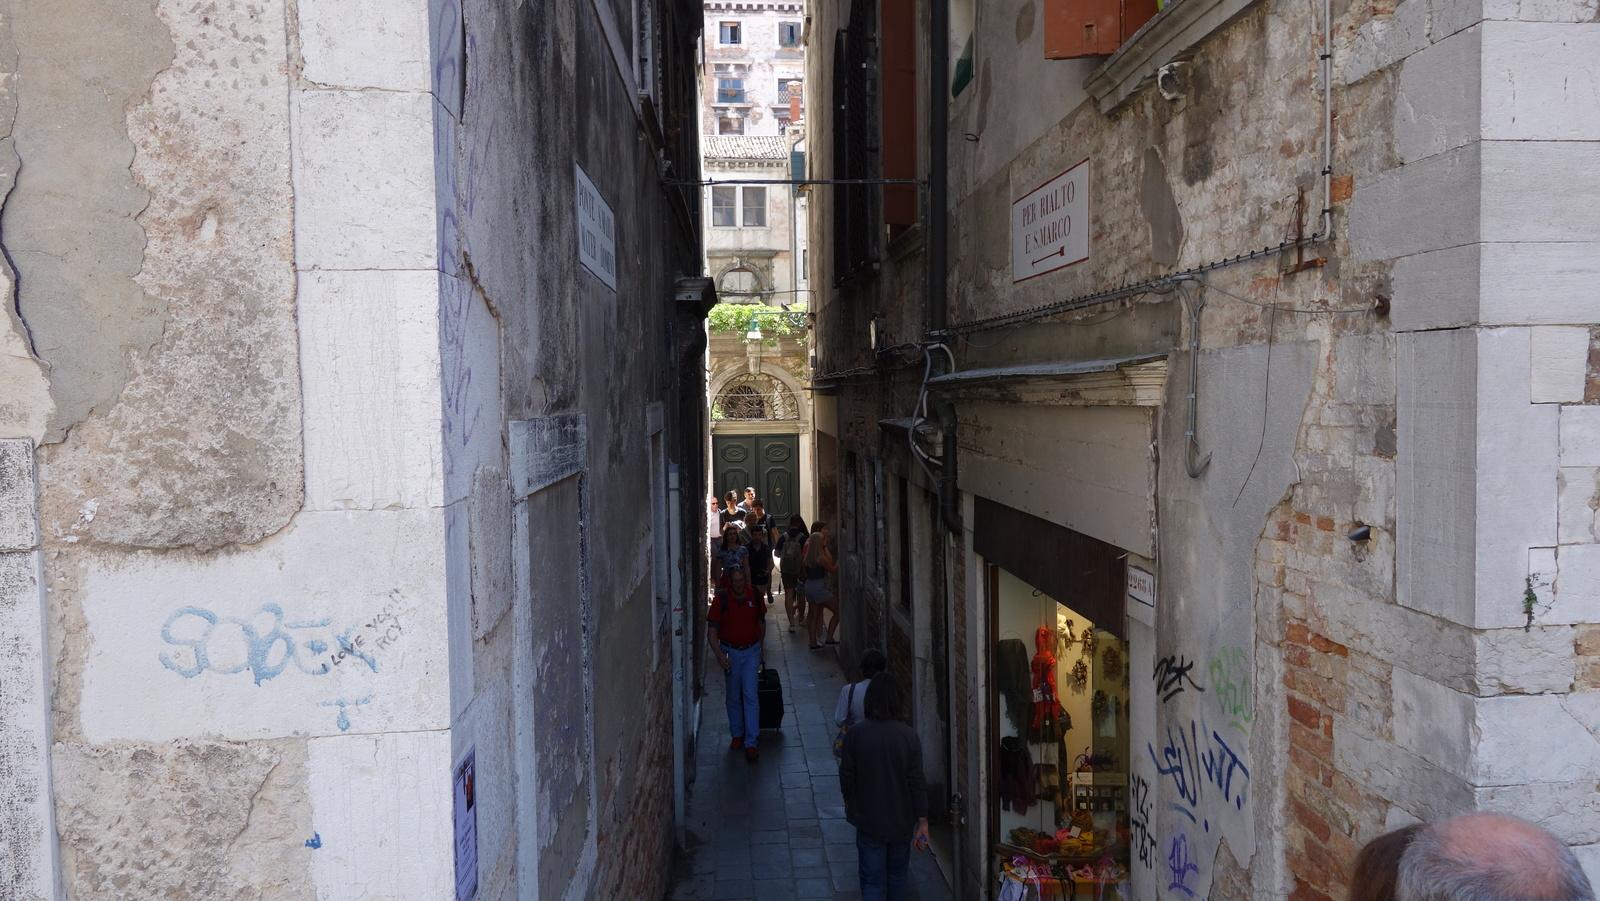 055 - Verso Rialto